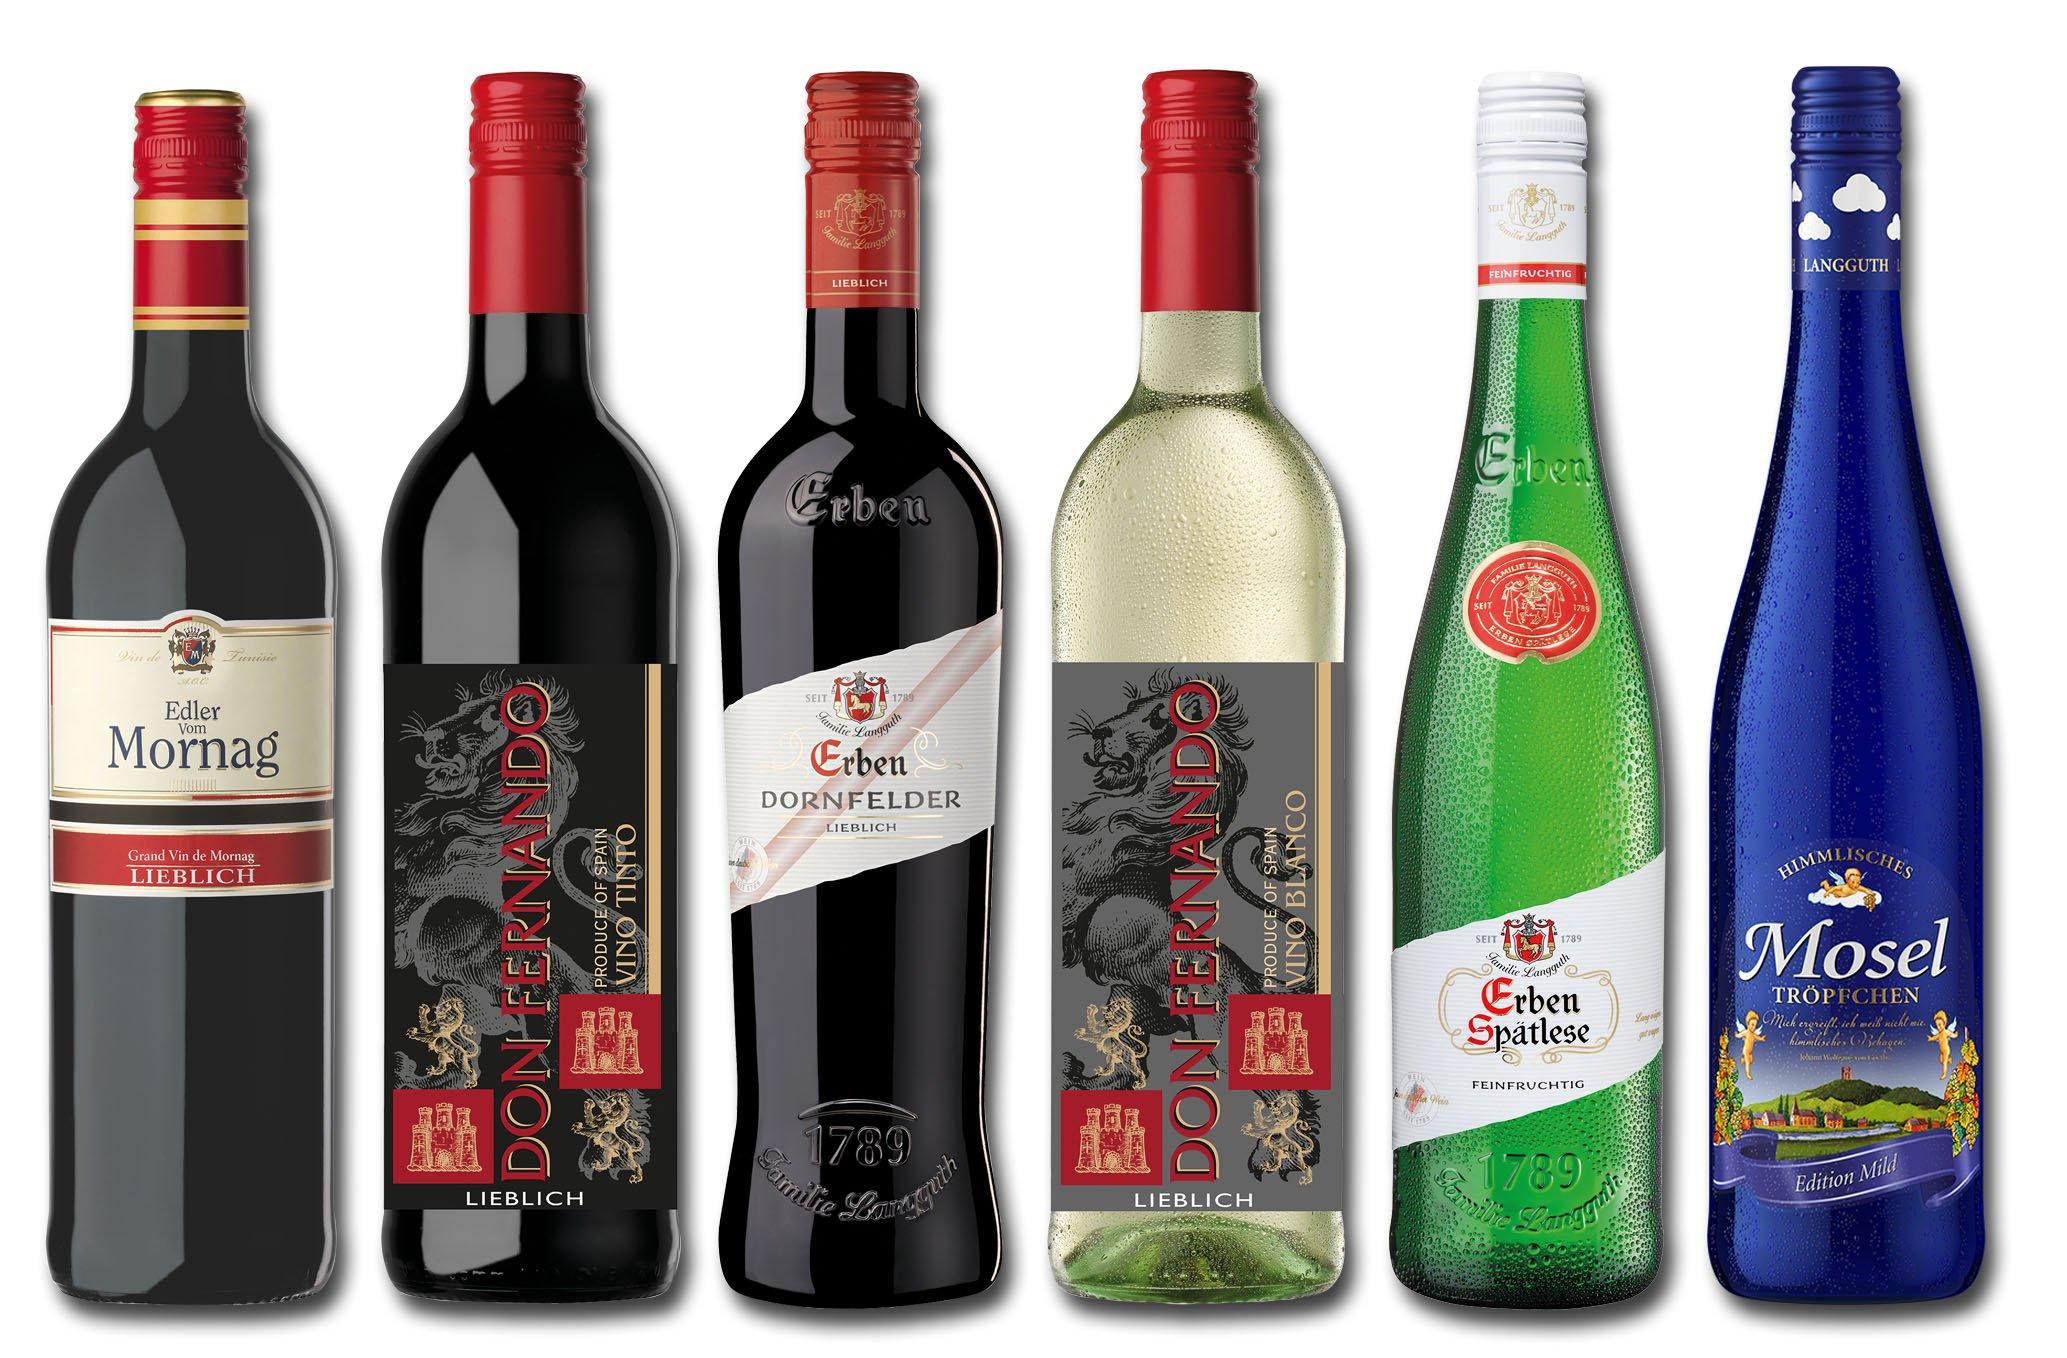 Langguth-Erben-Lieblicher-Weingenuss-Probierpaket-6-x-075-l